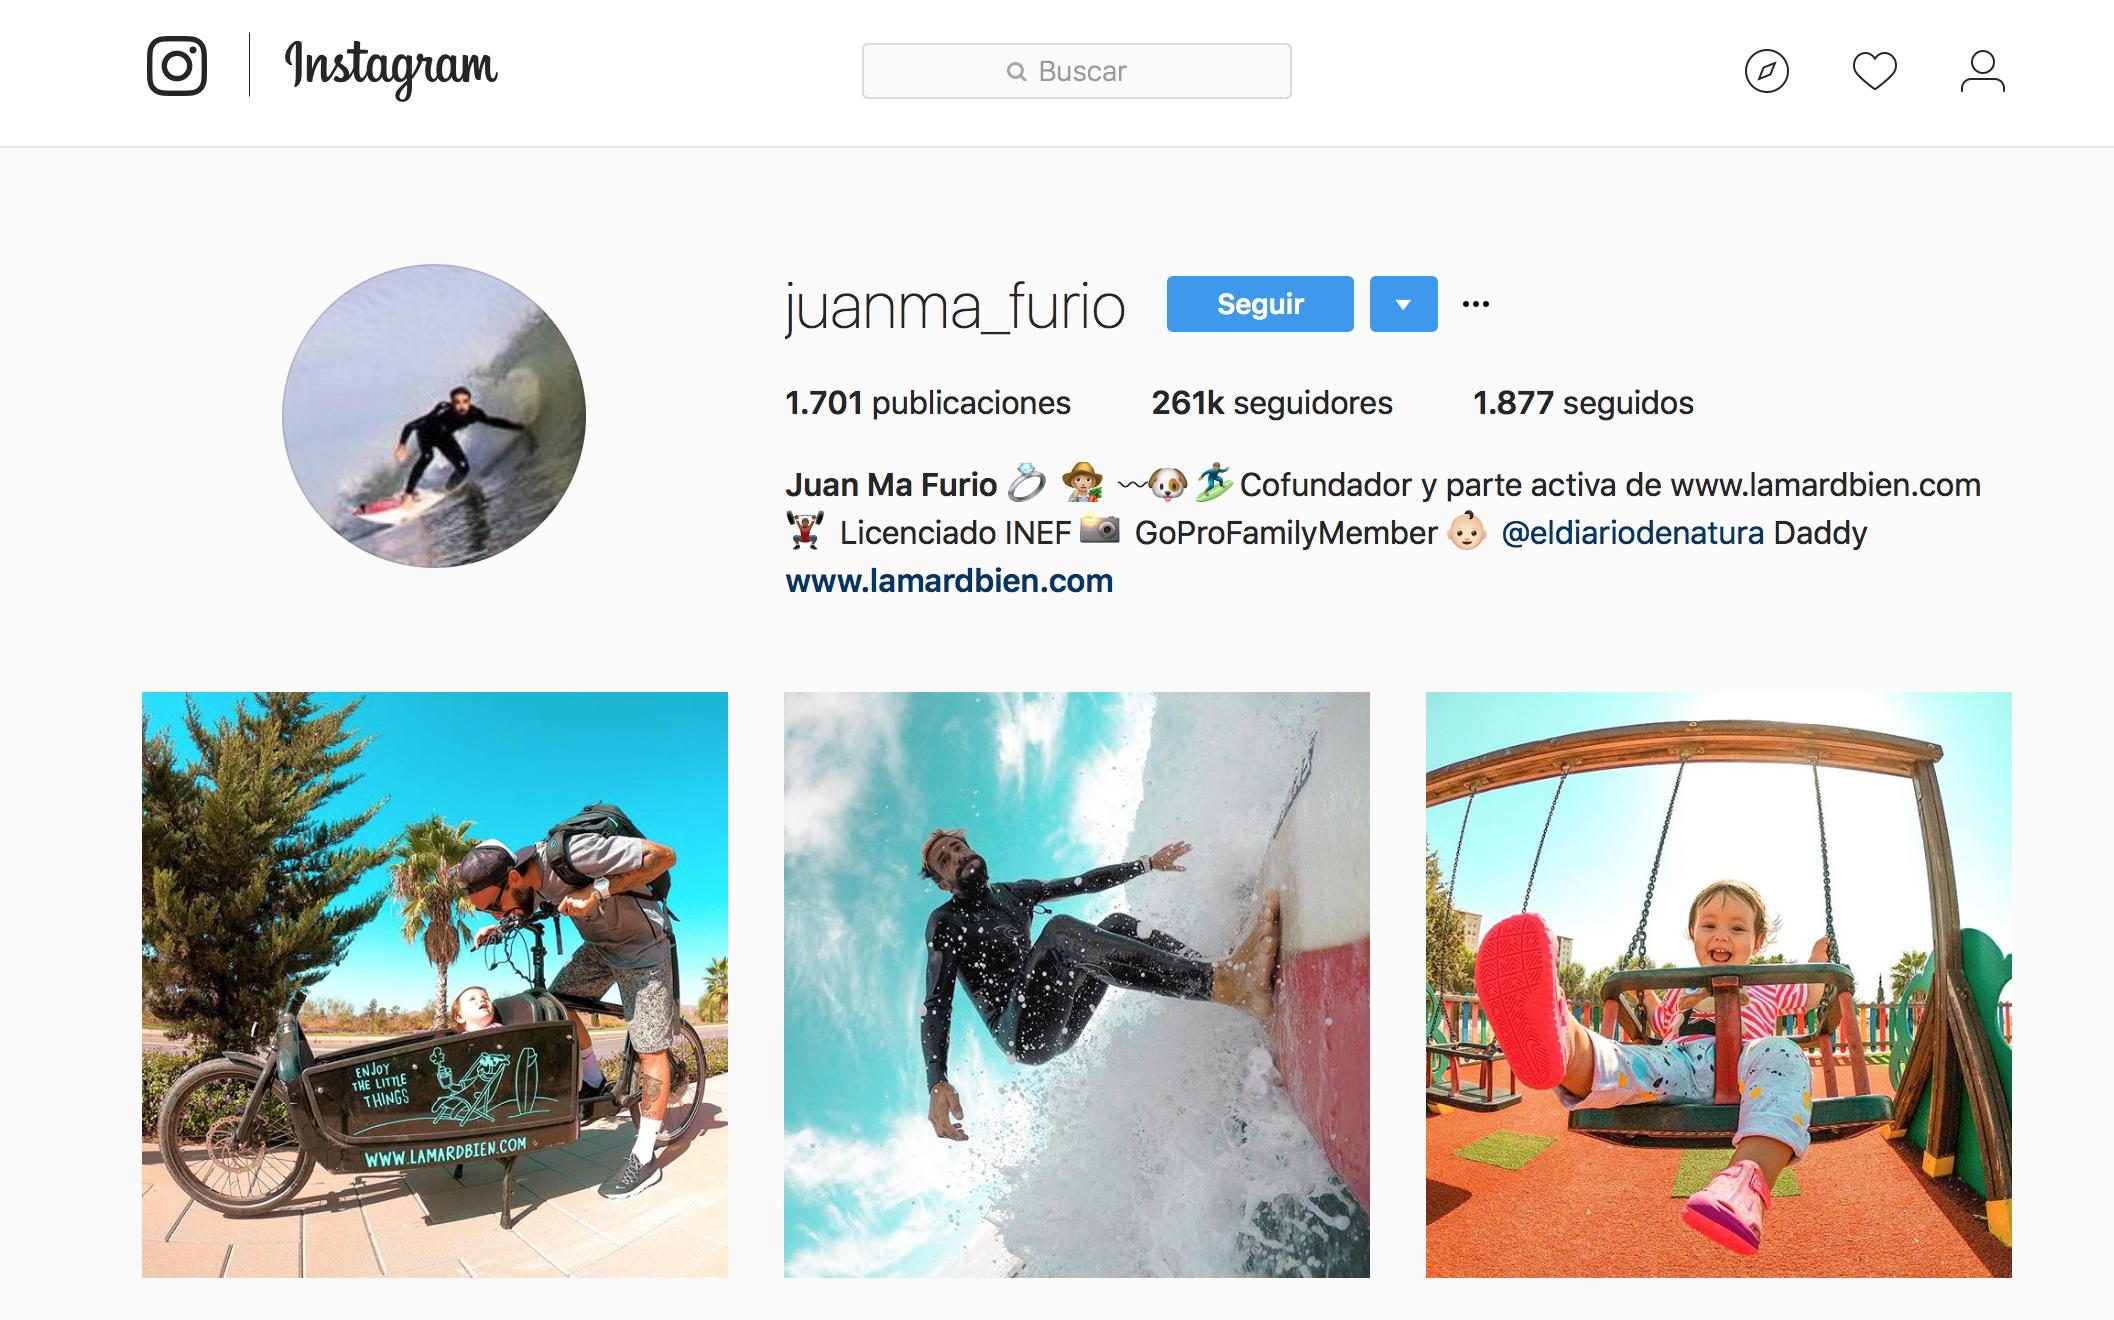 influencers de vida sana: Juanma Furio